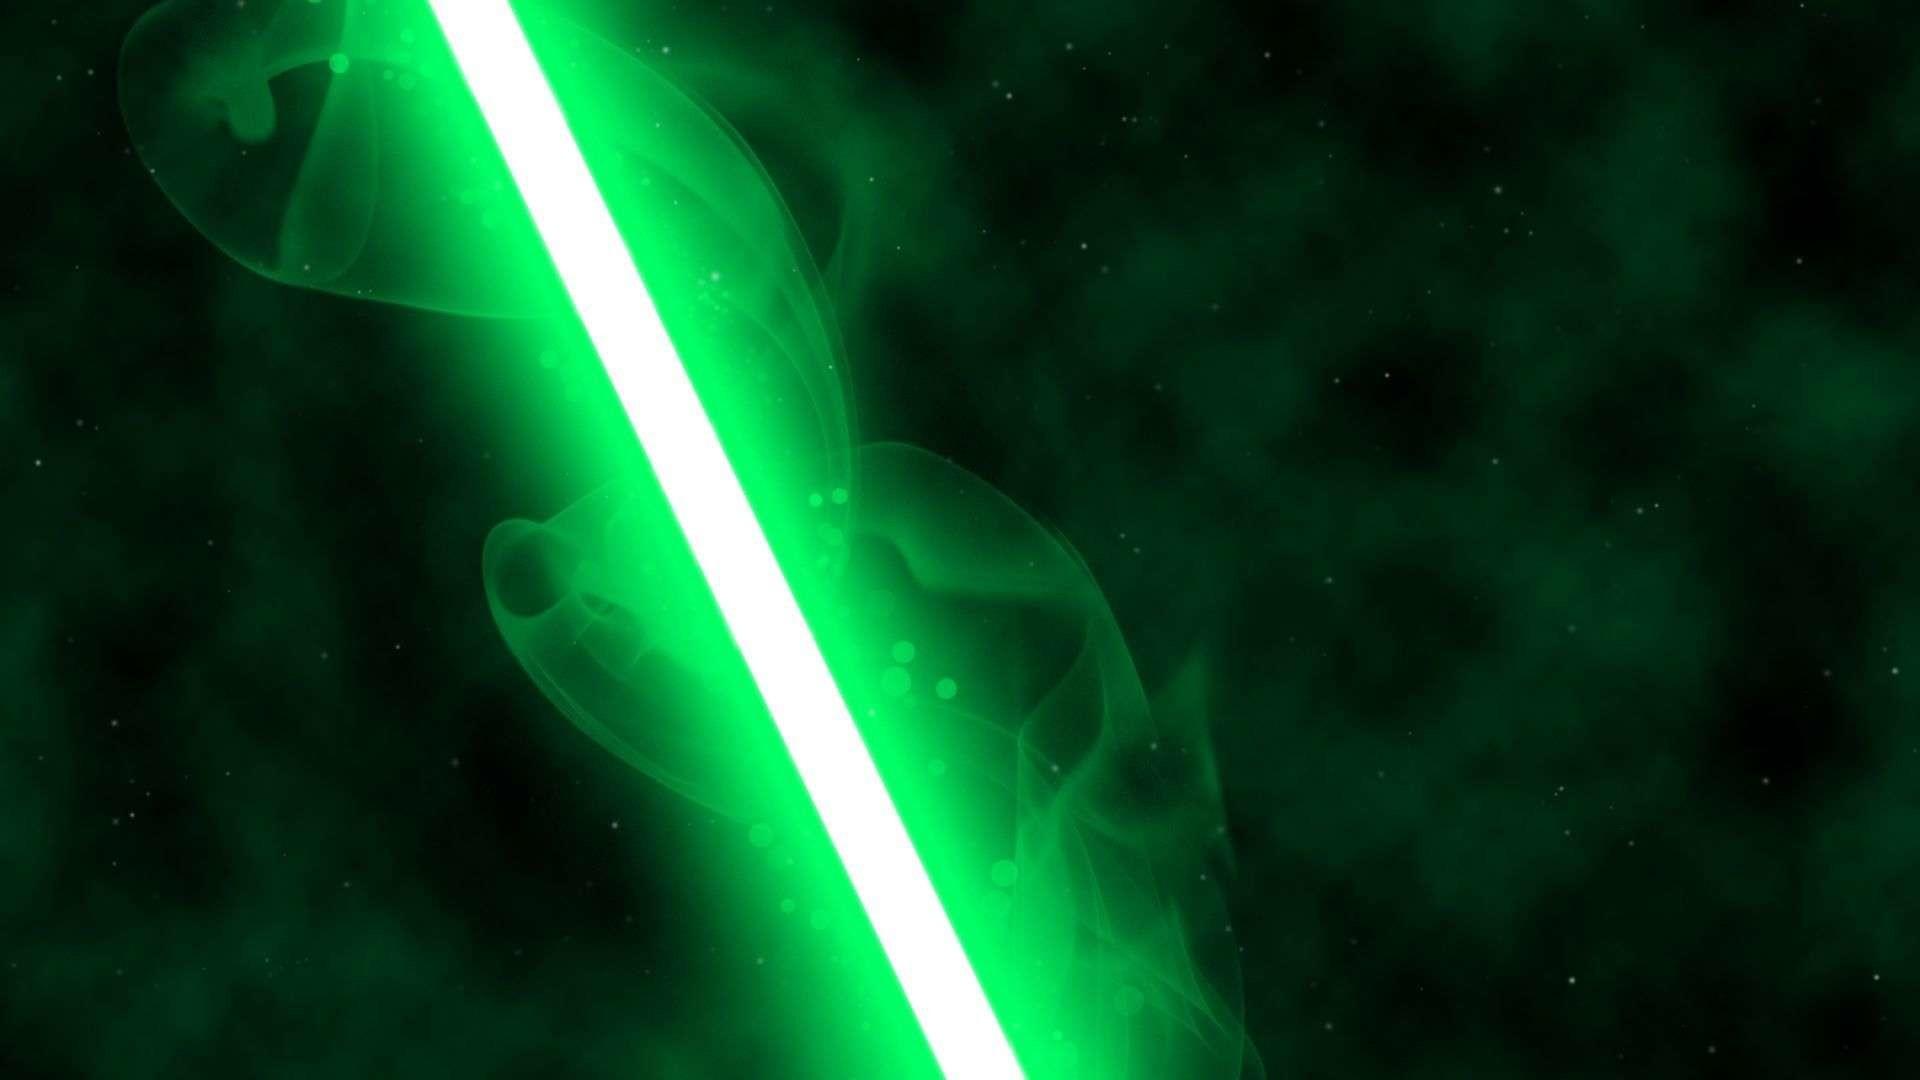 green lightsaber wallpaper